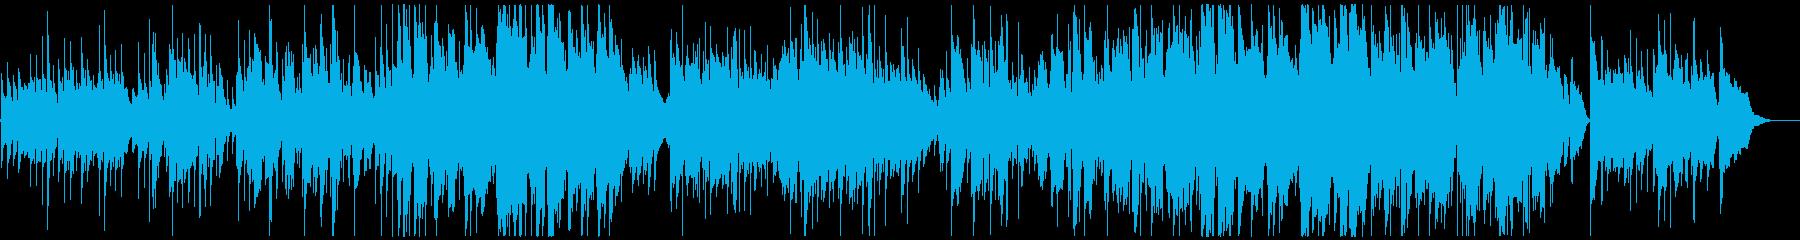 ほのぼの心温まるアコースティックな歌声の再生済みの波形